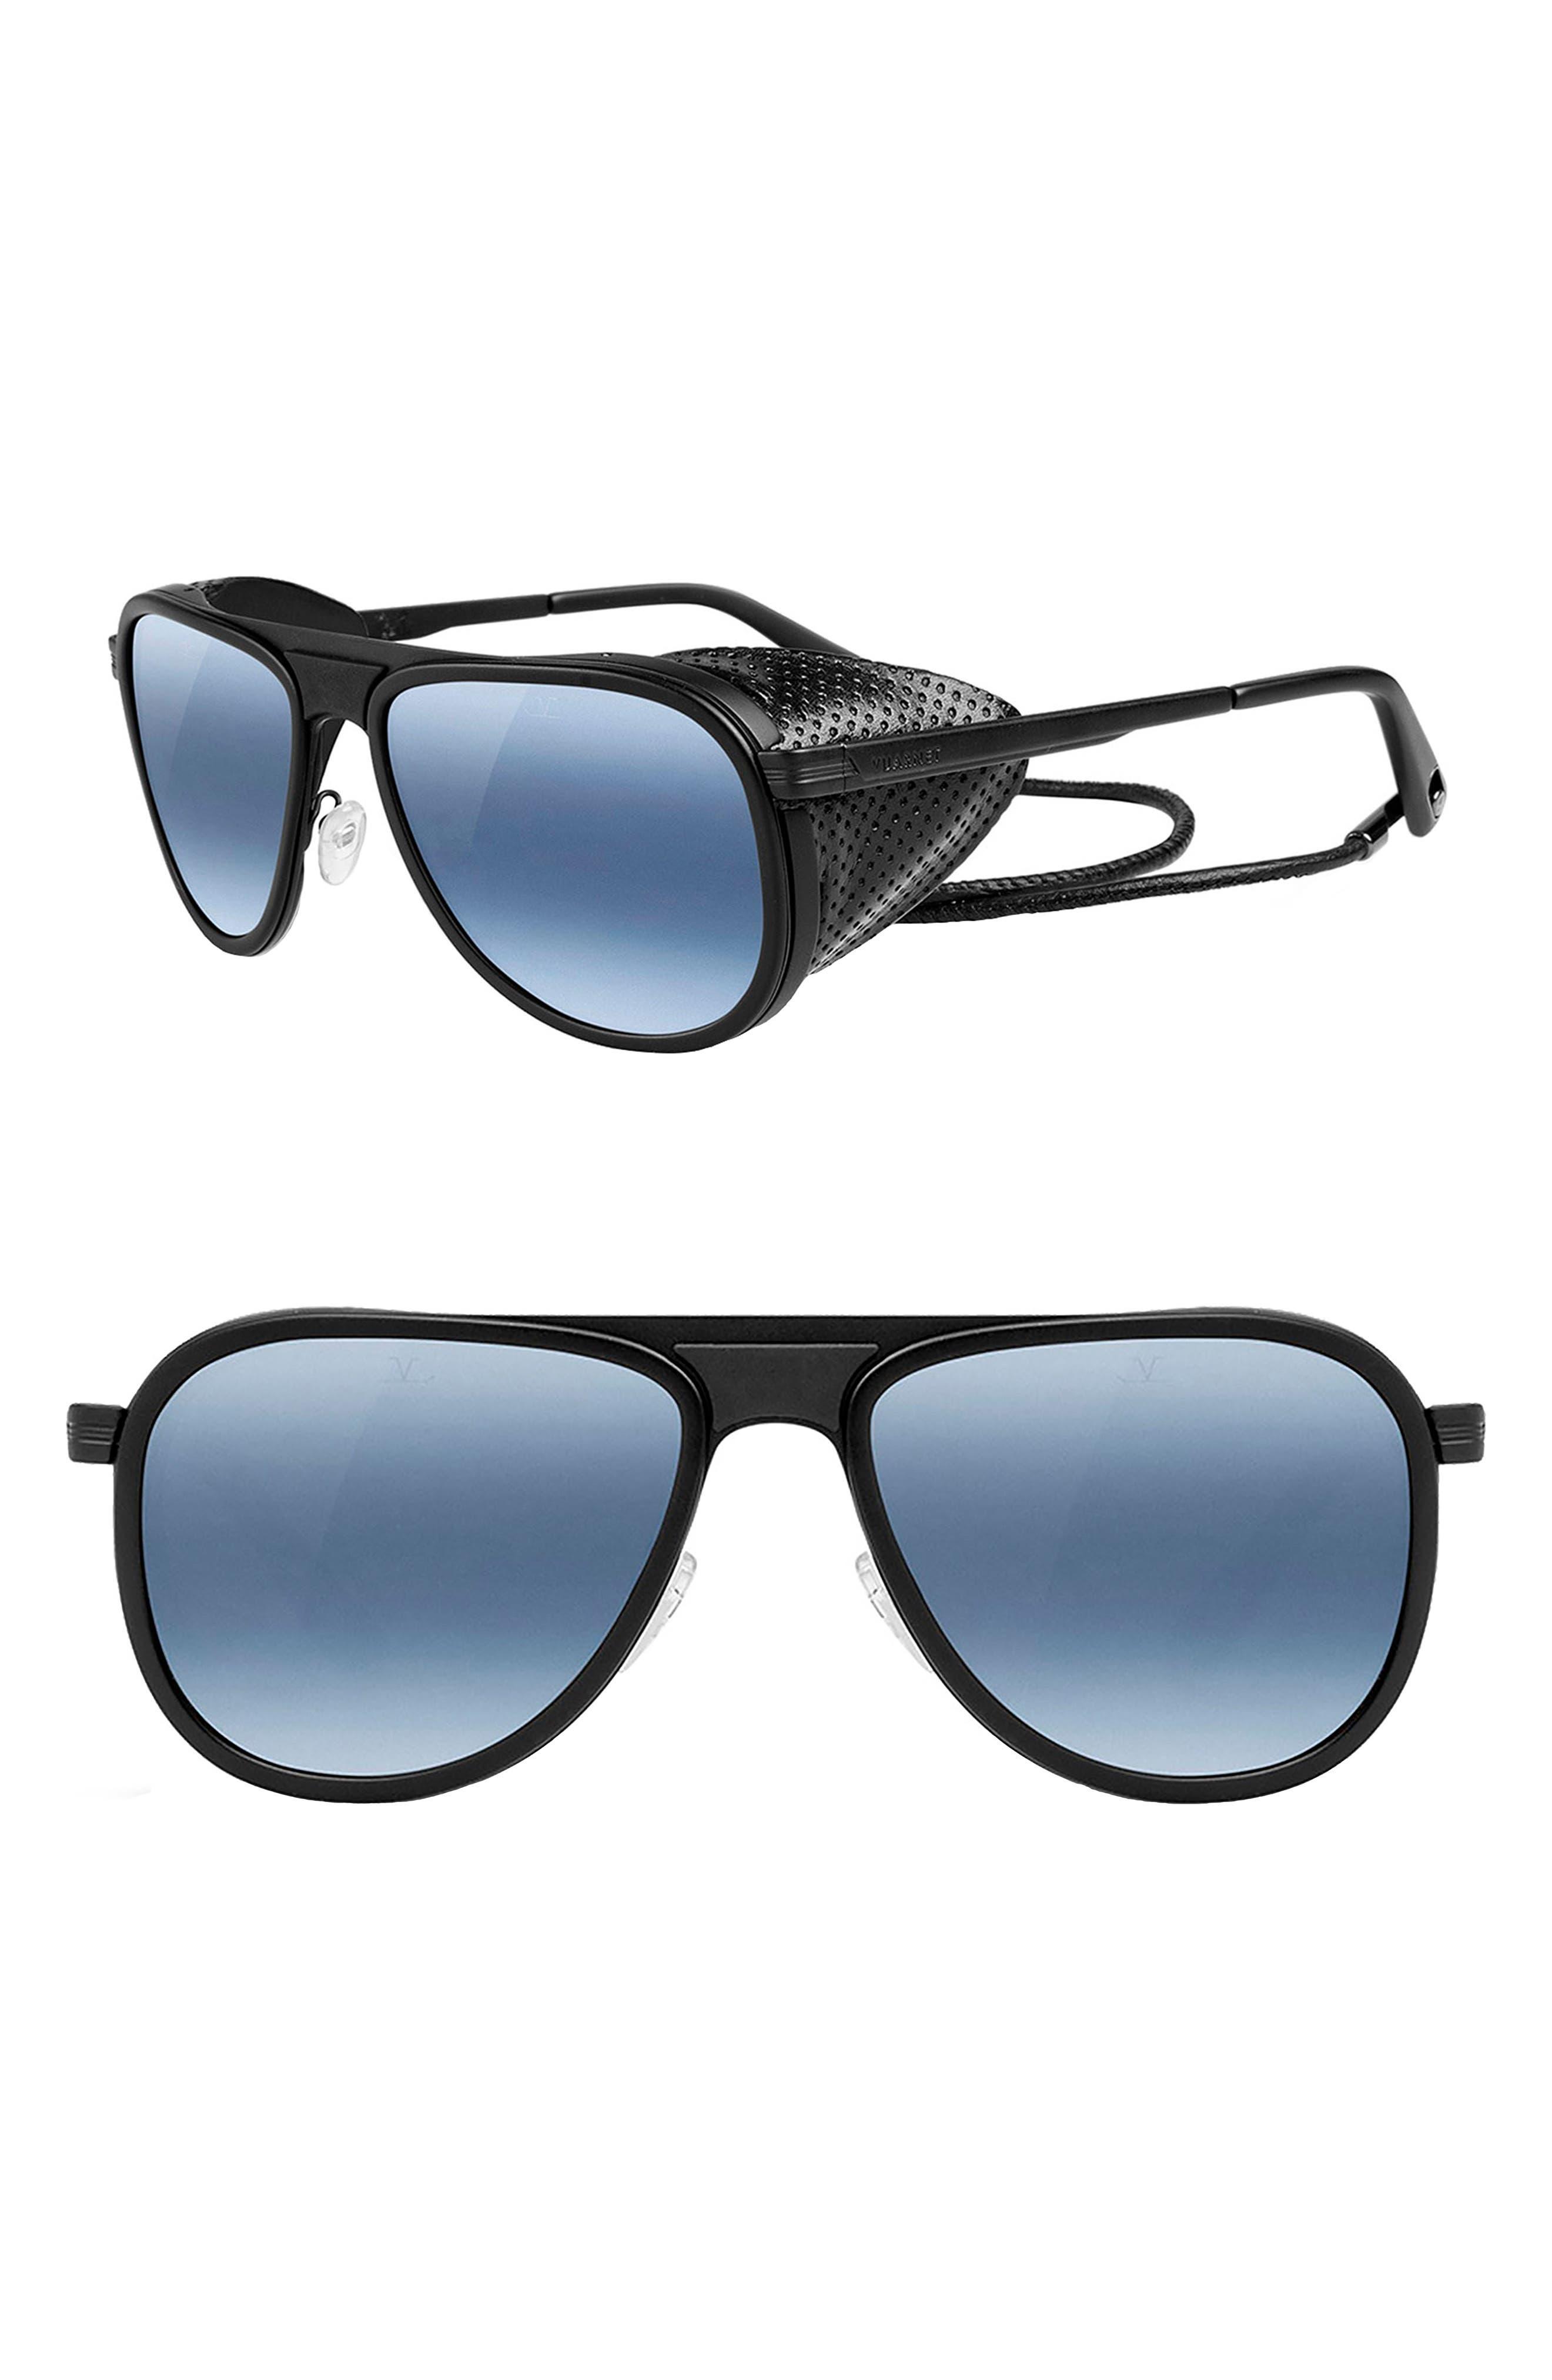 Glacier 57mm Aviator Sunglasses,                         Main,                         color, MATT BLACK/ BLUE POLAR LYNX